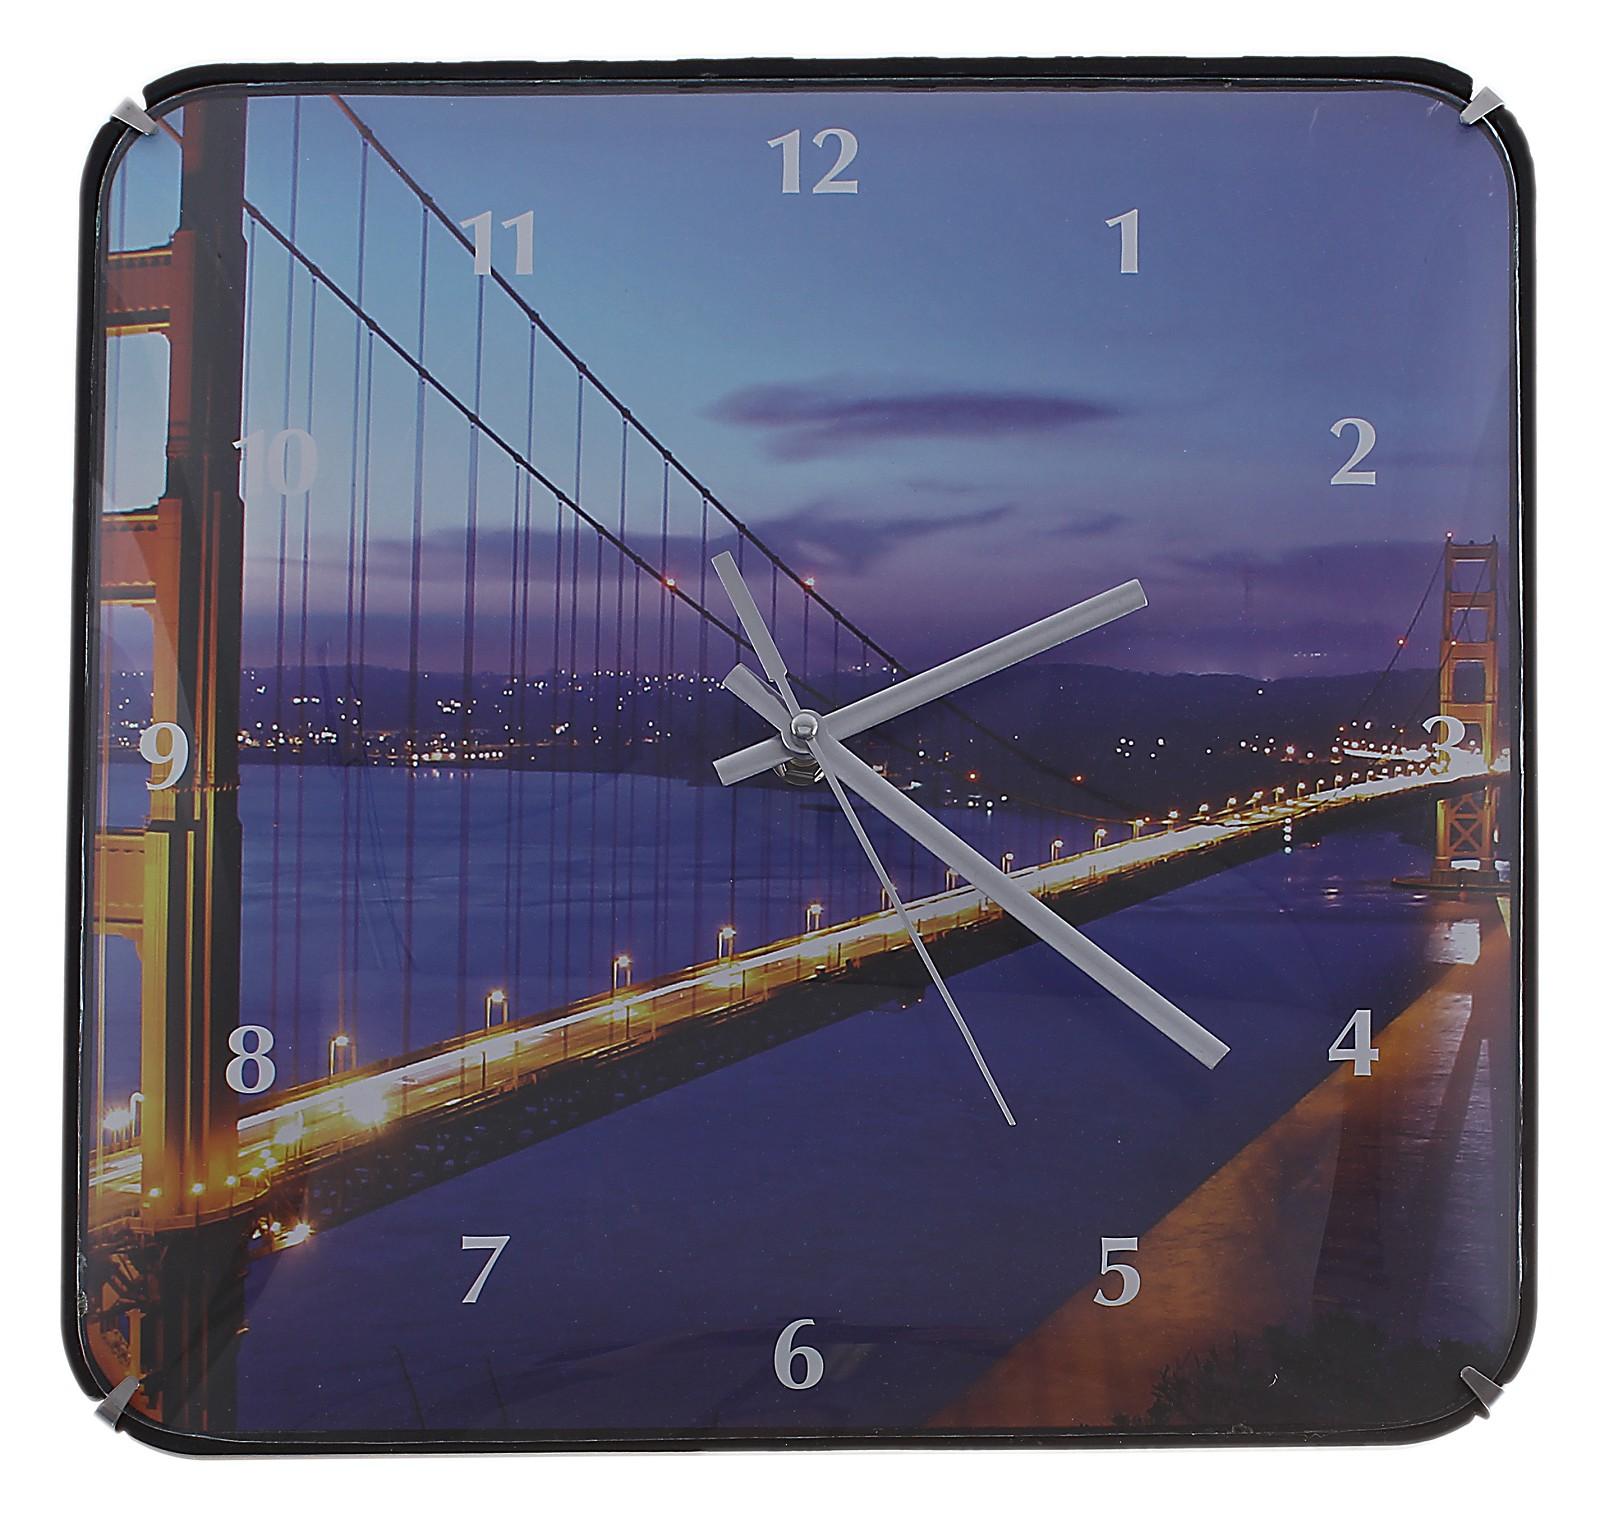 Часы настенные Ночной мост, цвет: темно-синий. 589196589196Оригинальные настенные часы Ночной мост квадратной формы выполнены из пластика и оформлены изображением моста. Часы имеют три стрелки - часовую, минутную и секундную. Циферблат часов защищен пластиком. Необычное дизайнерское решение и качество исполнения придутся по вкусу каждому. Оформите совой дом таким интерьерным аксессуаром или преподнесите его в качестве презента друзьям, и они оценят ваш оригинальный вкус и неординарность подарка. Характеристики: Материал: пластик, металл. Размер: 3 см x 30 см x 30 см. Размер упаковки: 31 см х 31,5 см х 4,5 см. Артикул: 589196. Работают от батарейки типа АА (в комплект не входит).